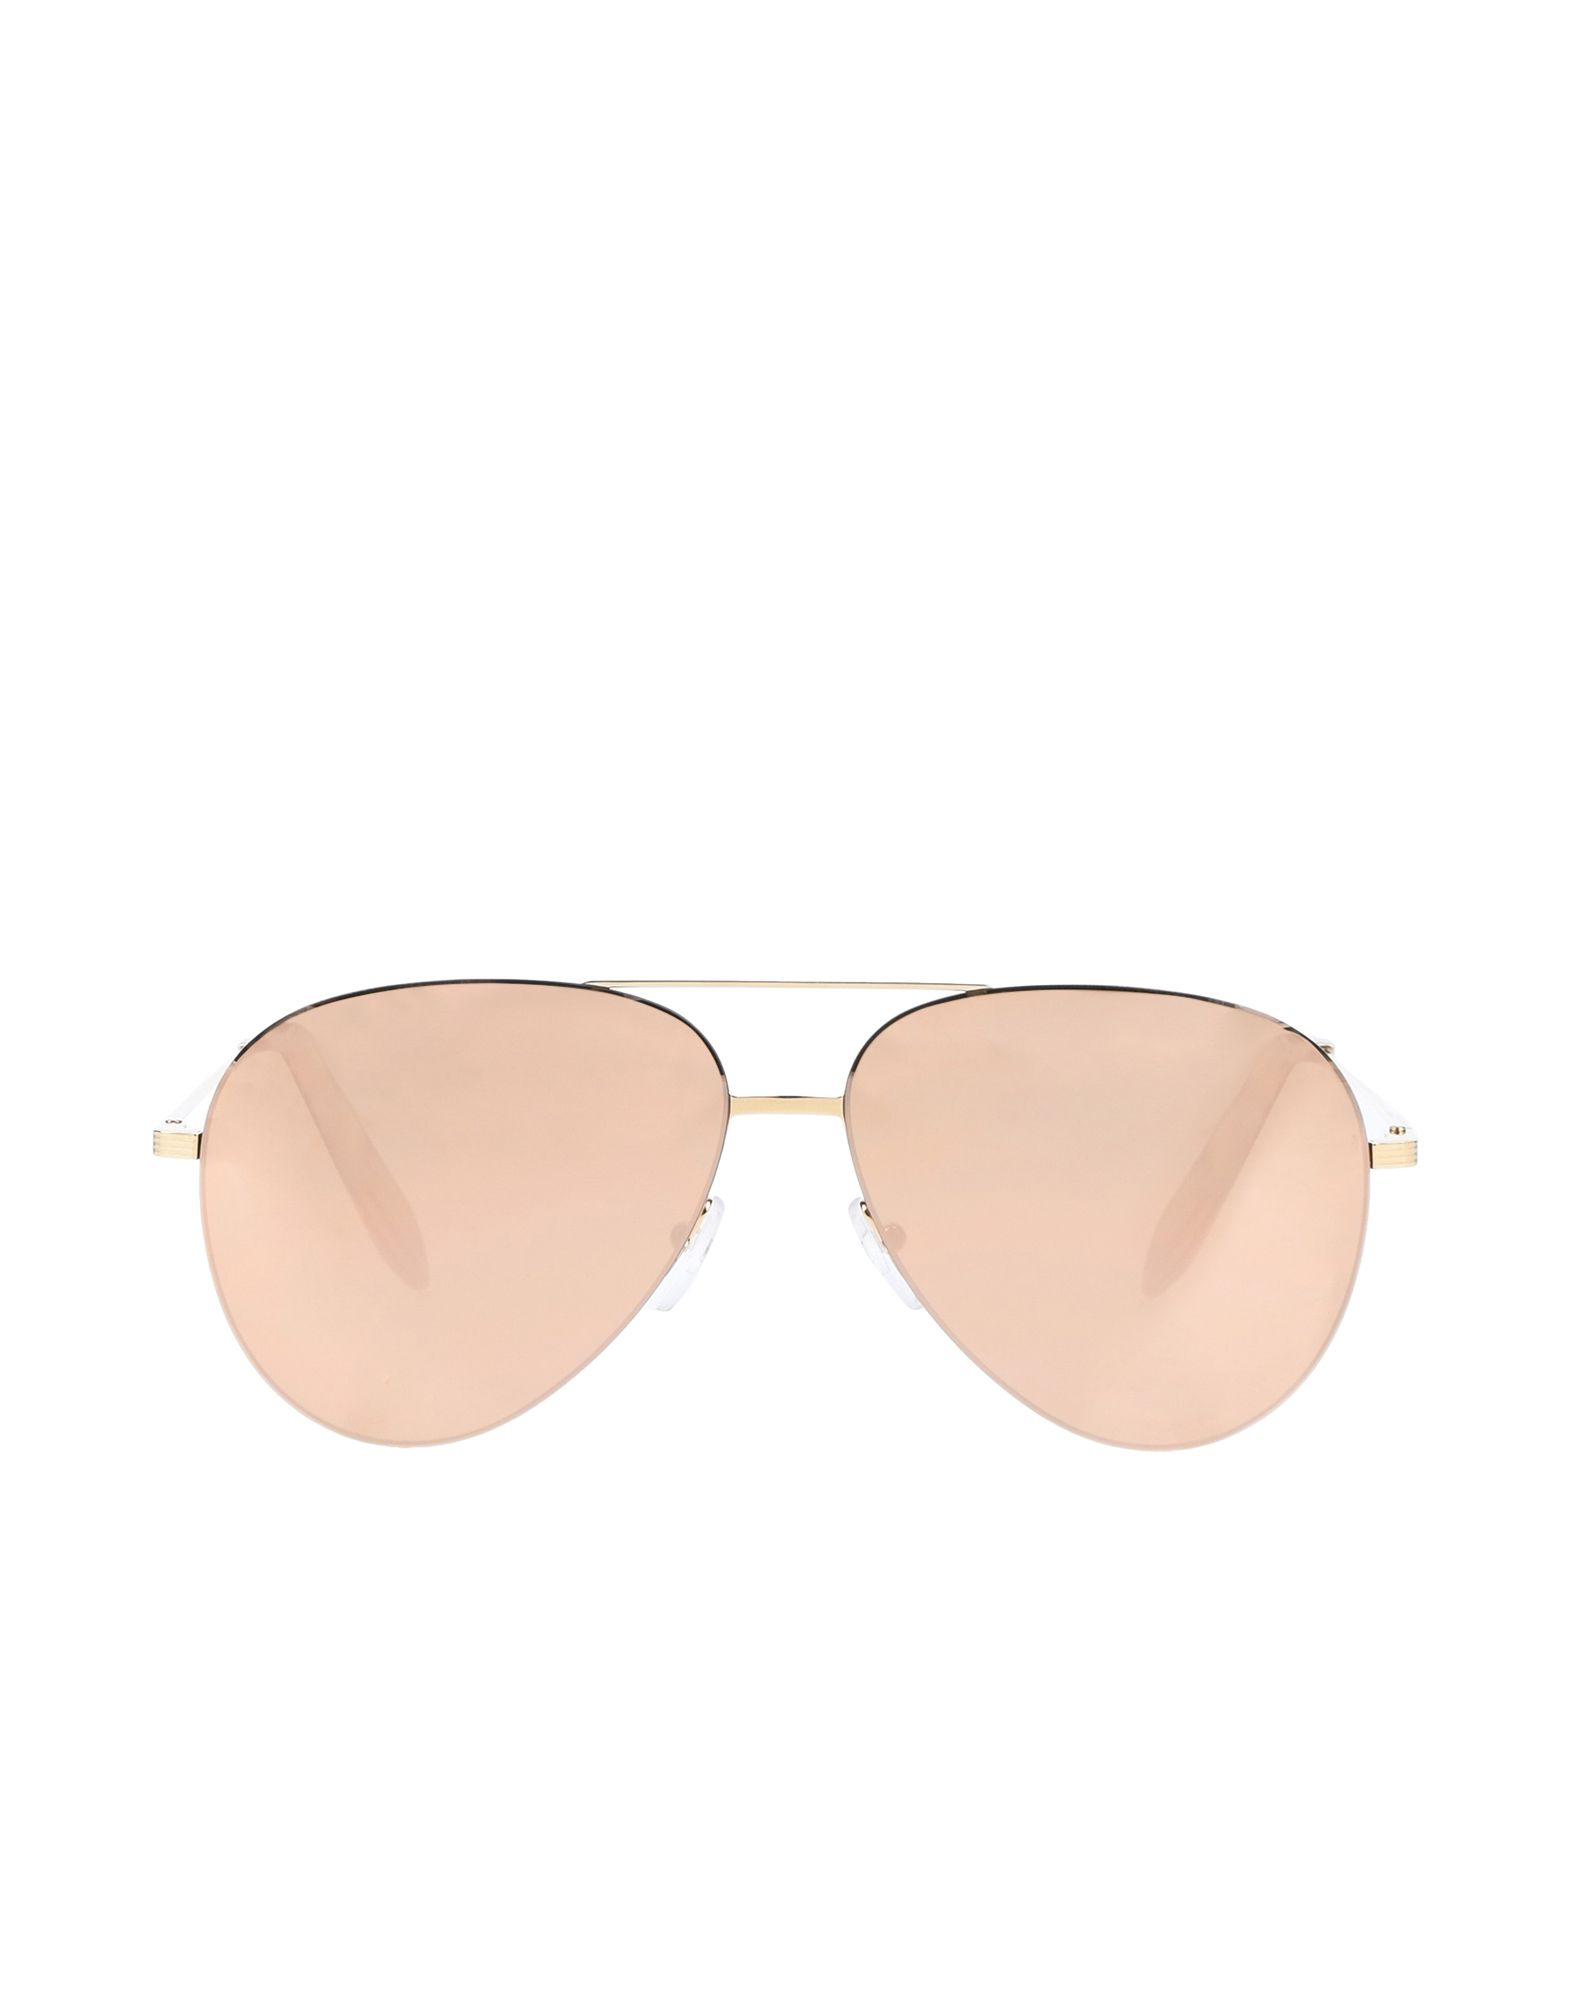 VICTORIA BECKHAM Солнечные очки звук метров inmix 2472 памяти металла очки мужской моды тенденция ретро очки кадр очки кадр черный